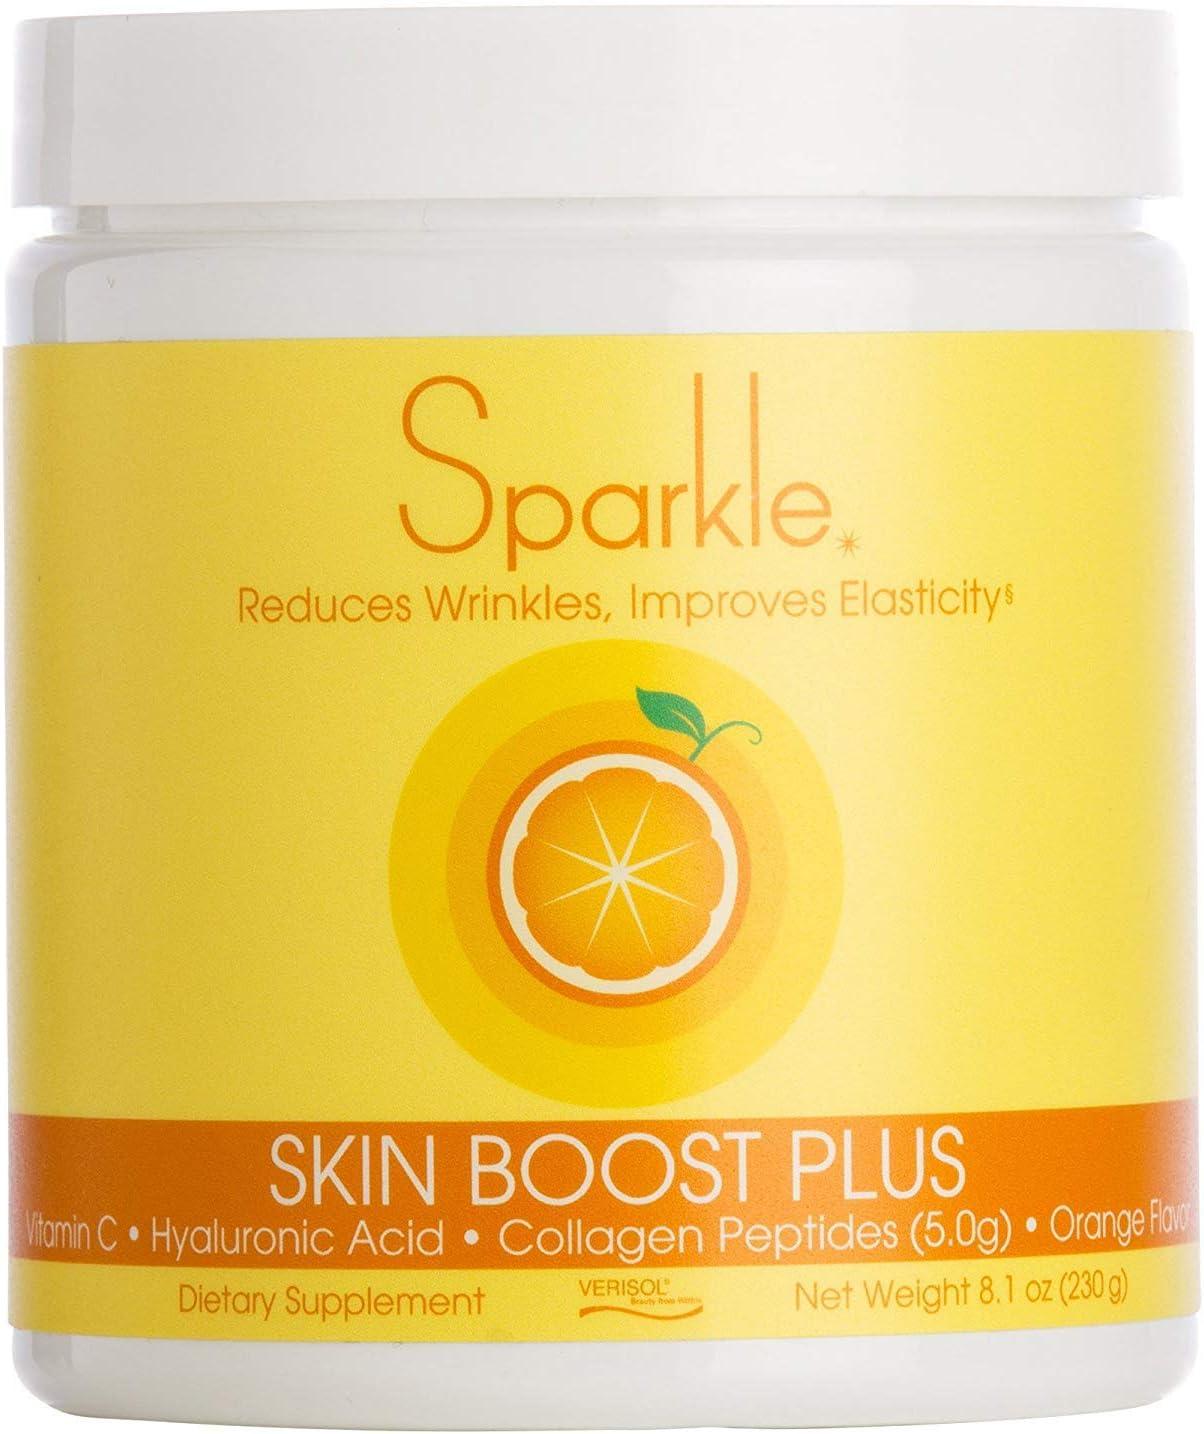 Sparkle Skin Boost Plus Verisol Collagen Peptides Protein Powder Vitamin C Orange Plus Supplement Drink, 8.1 oz